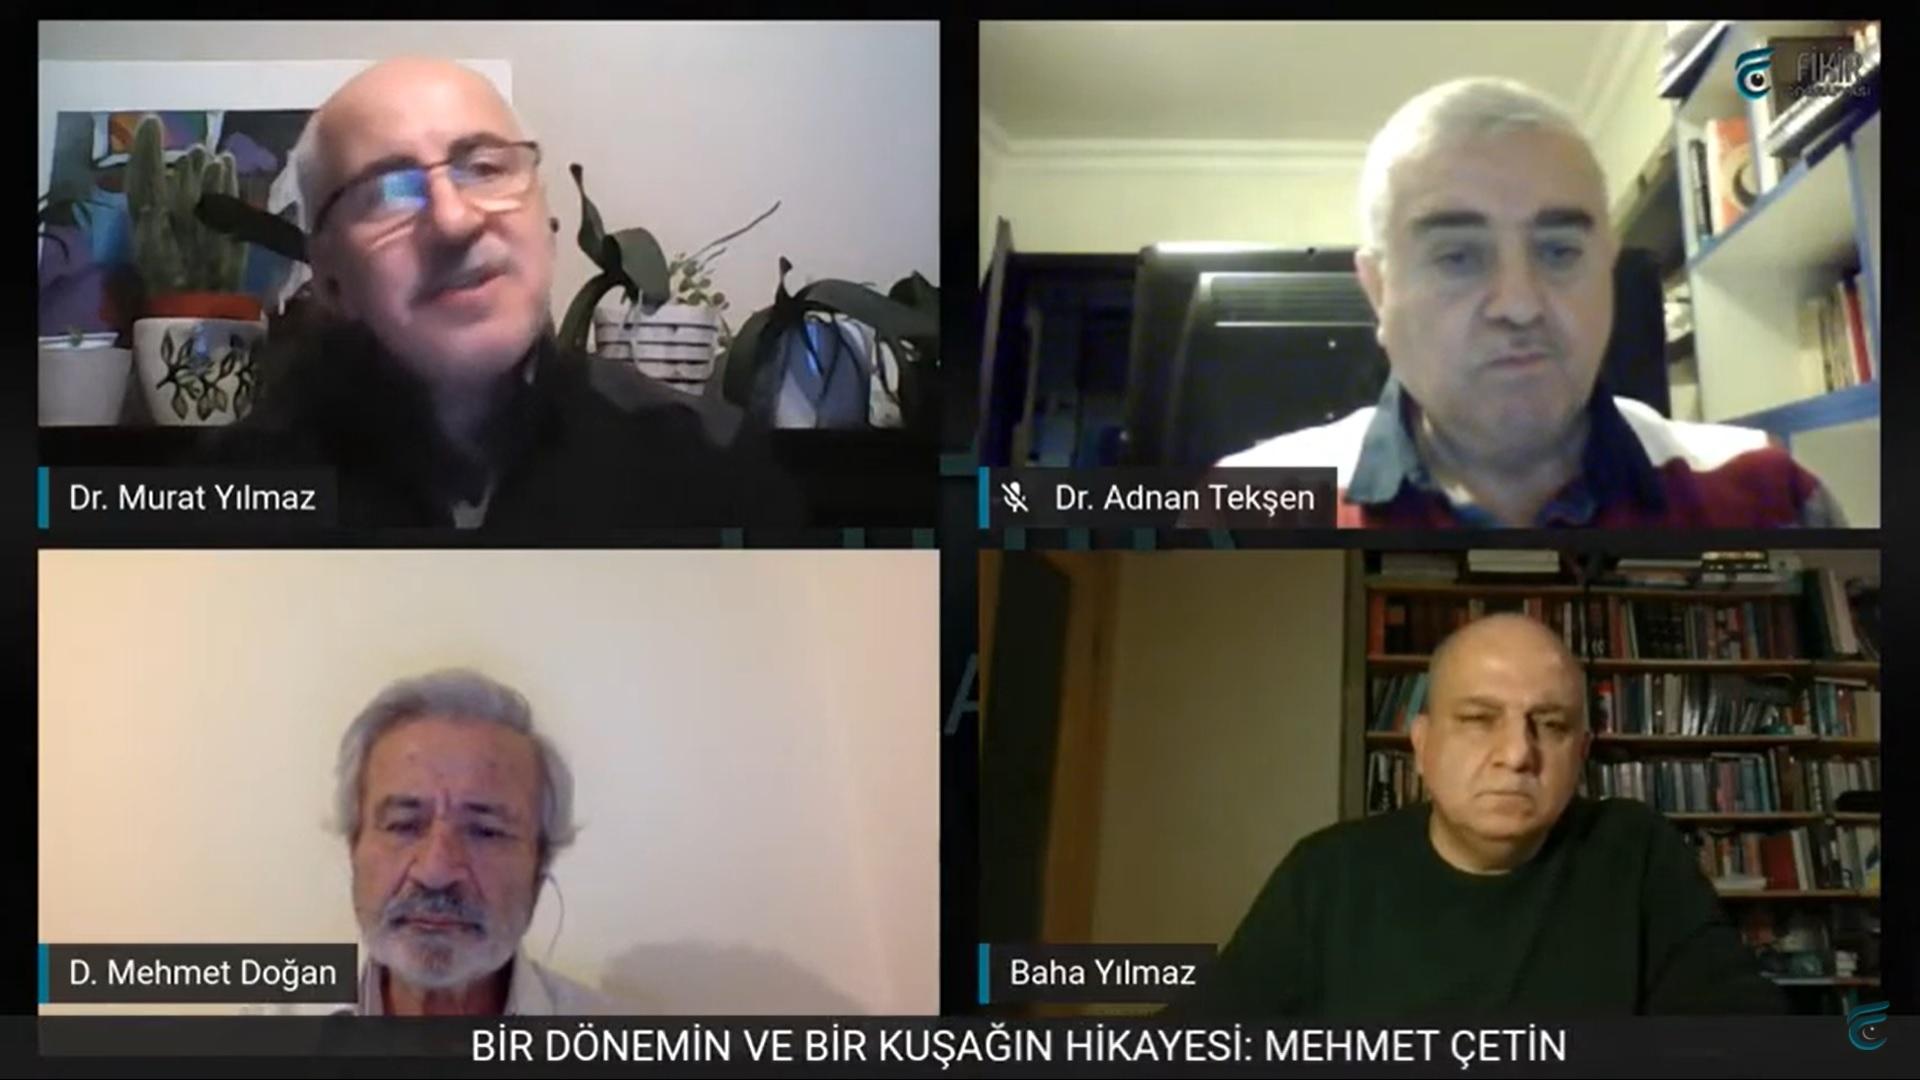 Bir Dönemin ve Bir Kuşağın Hikayesi: Mehmet Çetin